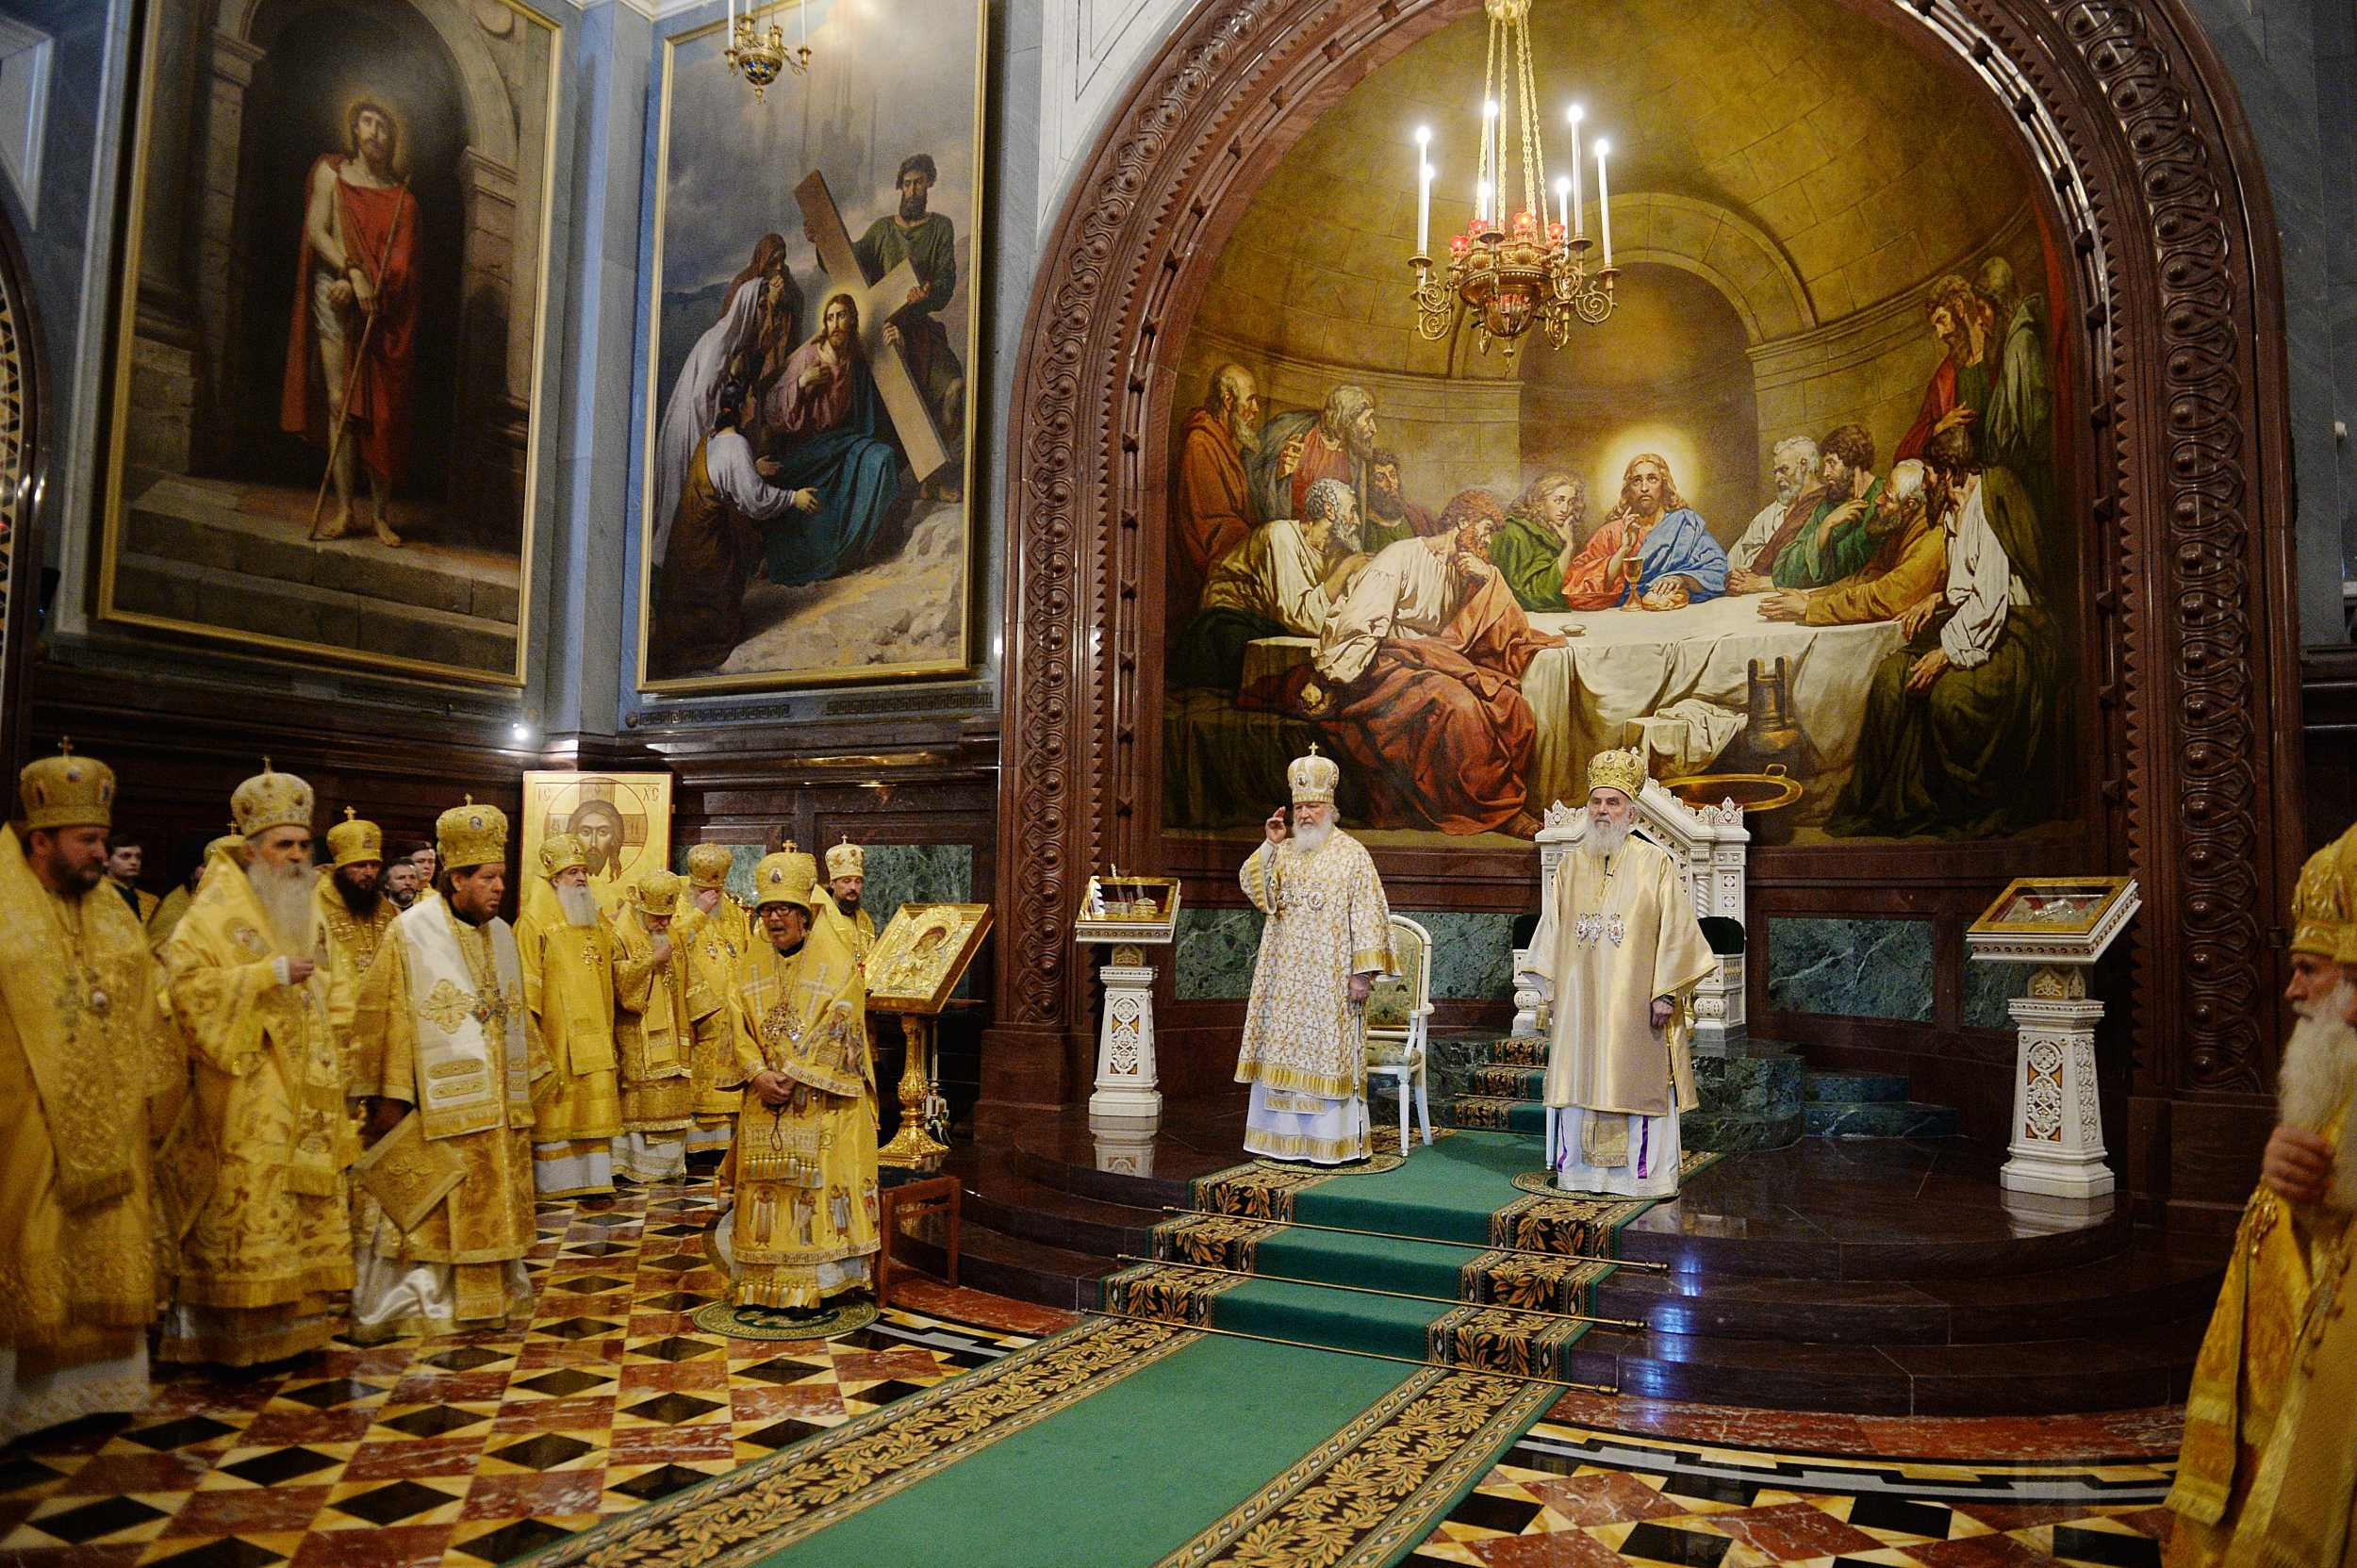 В день памяти святых равноапостольных Мефодия и Кирилла Святейший Патриарх Кирилл и Святейший Патриарх Сербский Ириней совершили Литургию в Храме Христа Спасителя в Москве